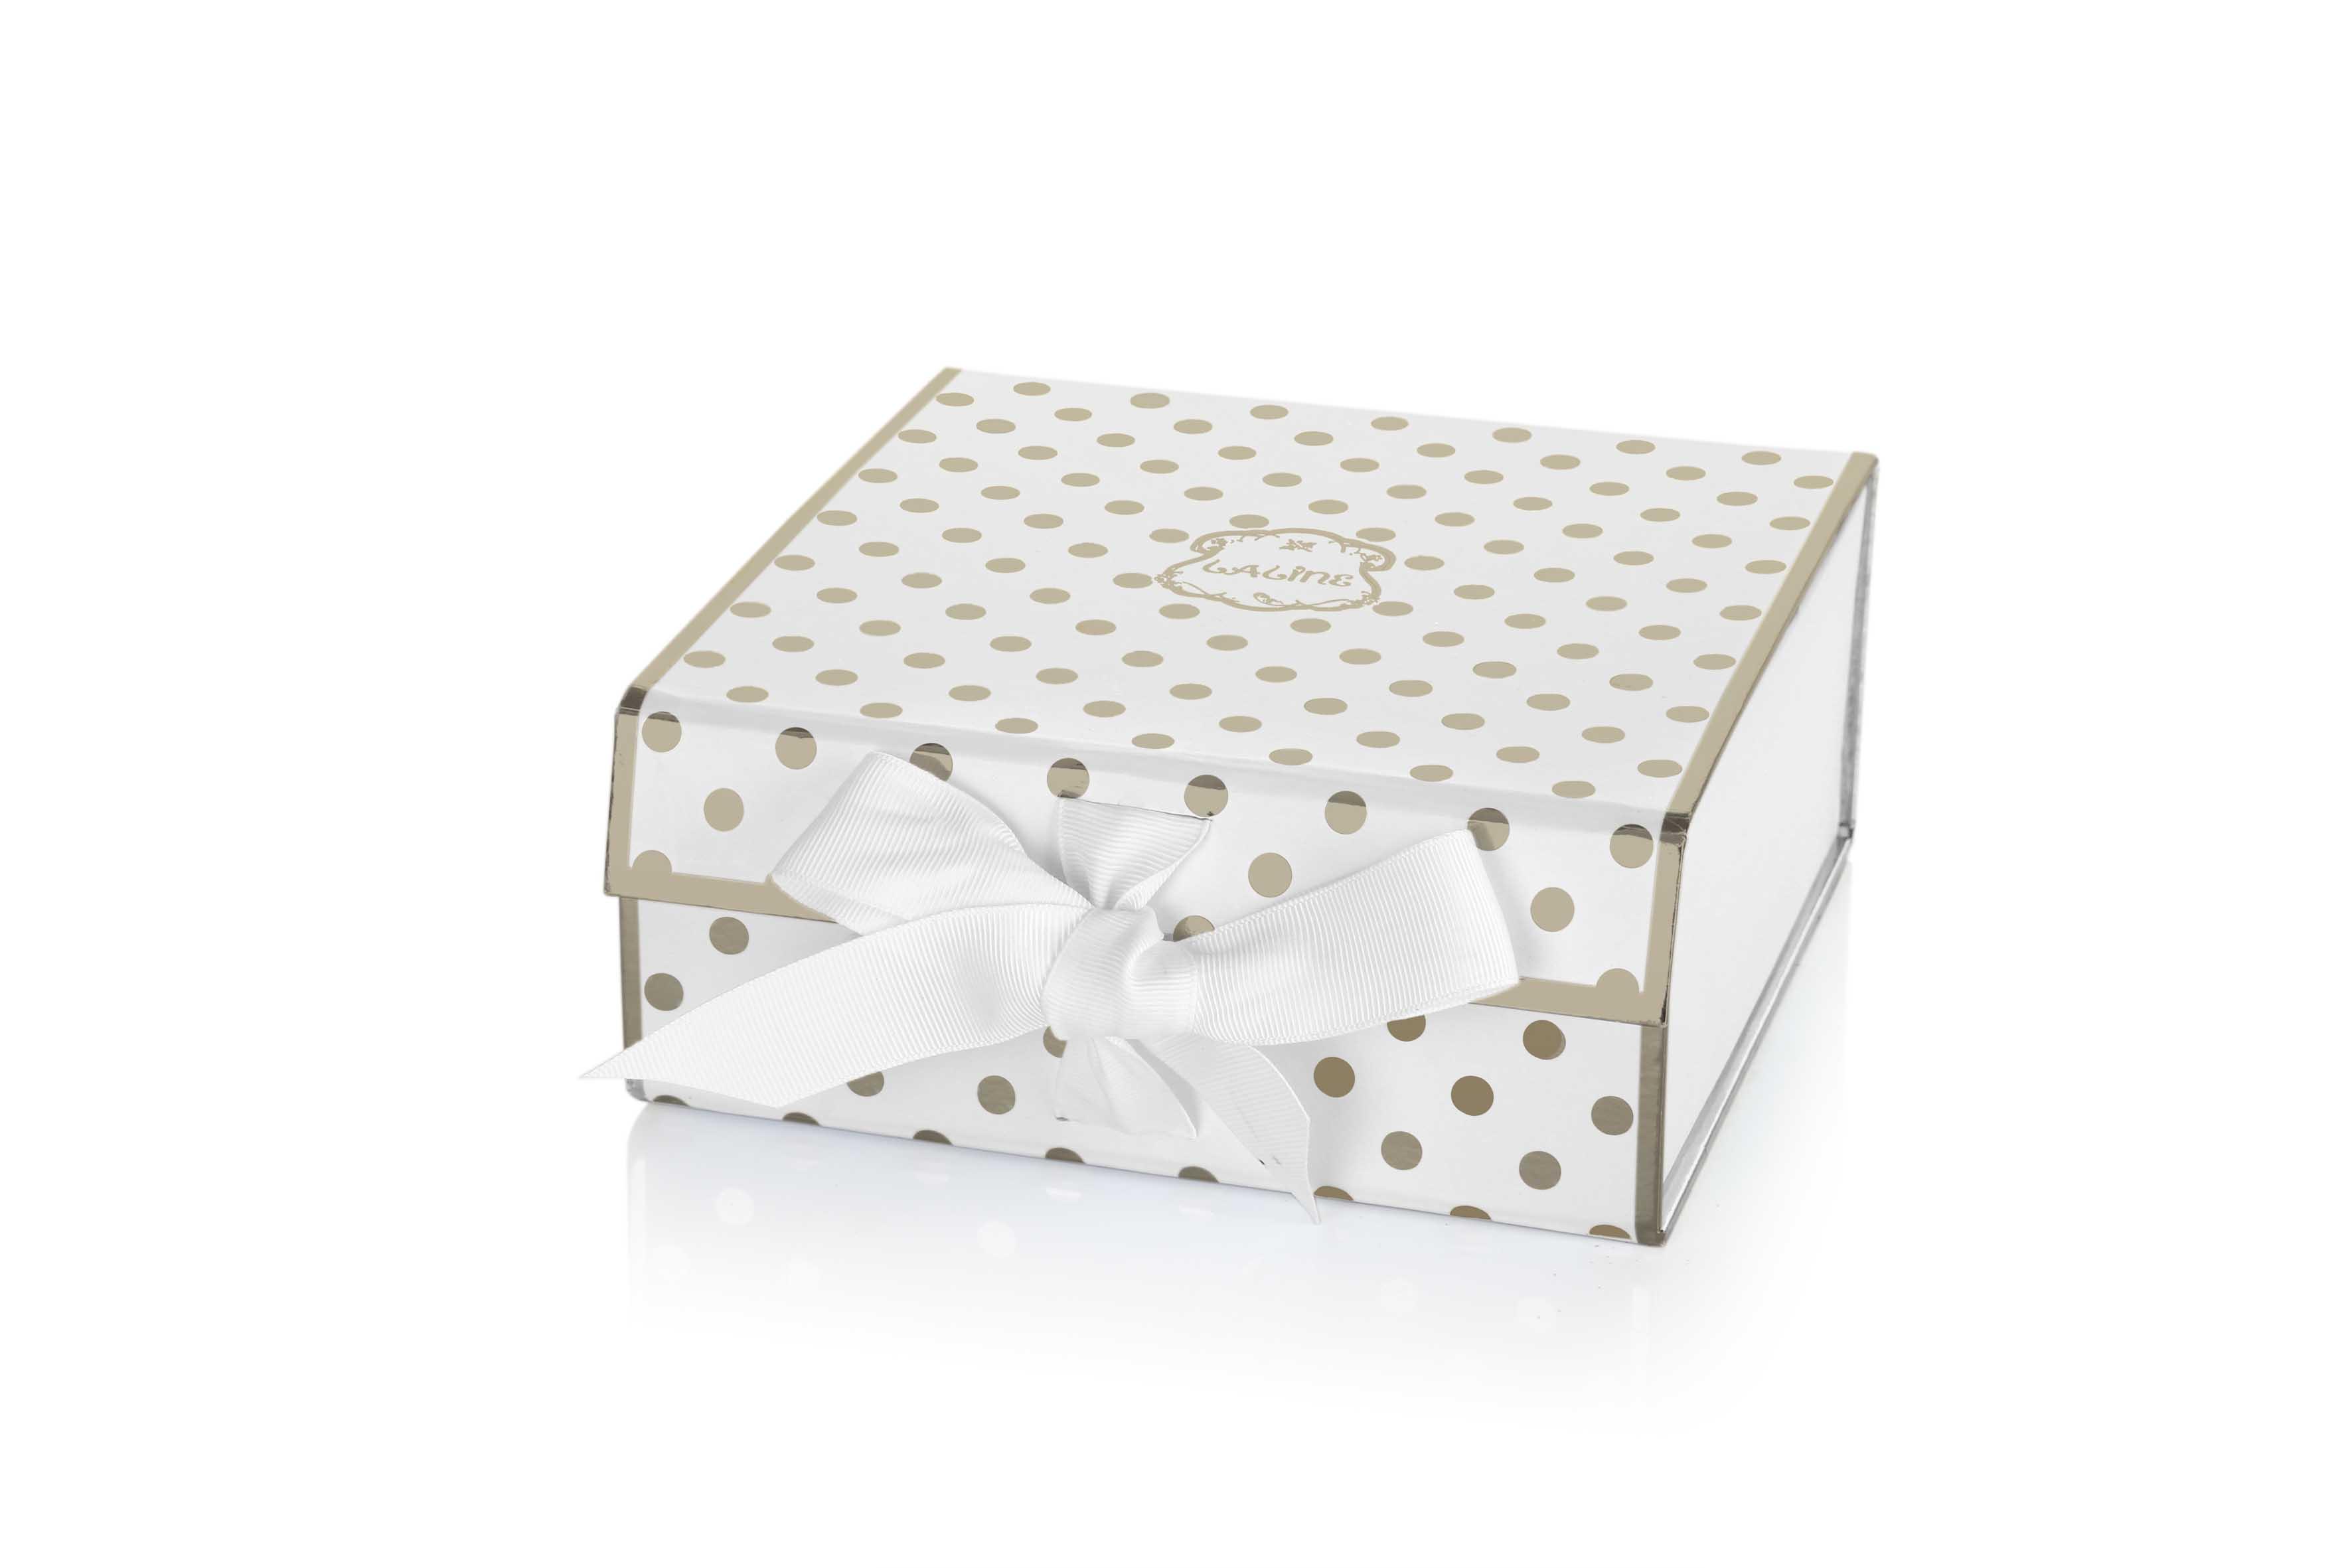 צילום מוצר - קופסאה / מארז צולם עבור ללין